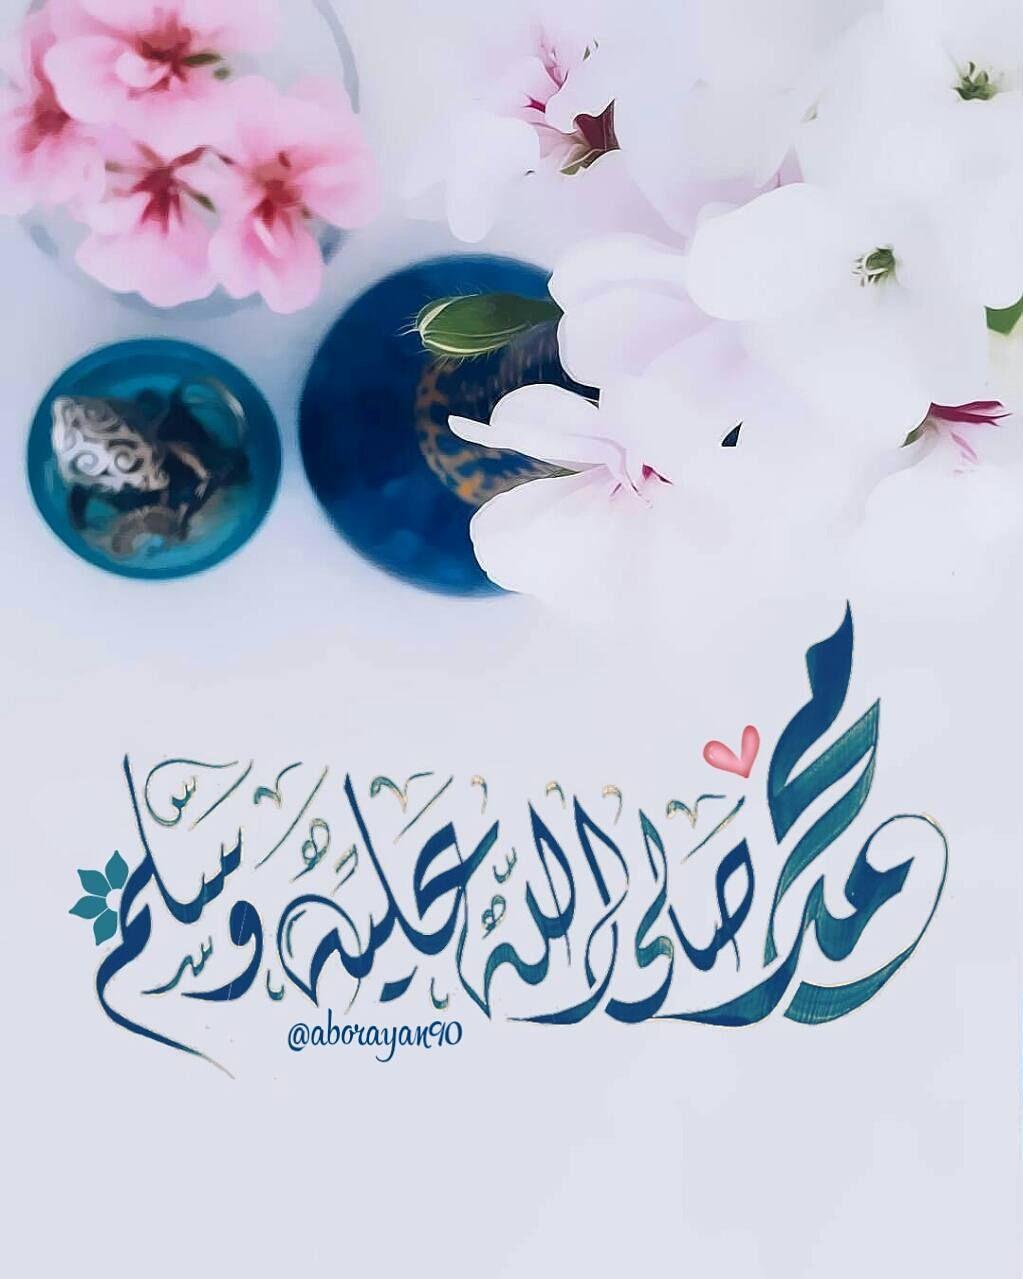 اللهم صل وسلم وبارك على سيدنا محمد وآل محمد يوم عرفة Islamic Images Islamic Calligraphy Lettering Fonts